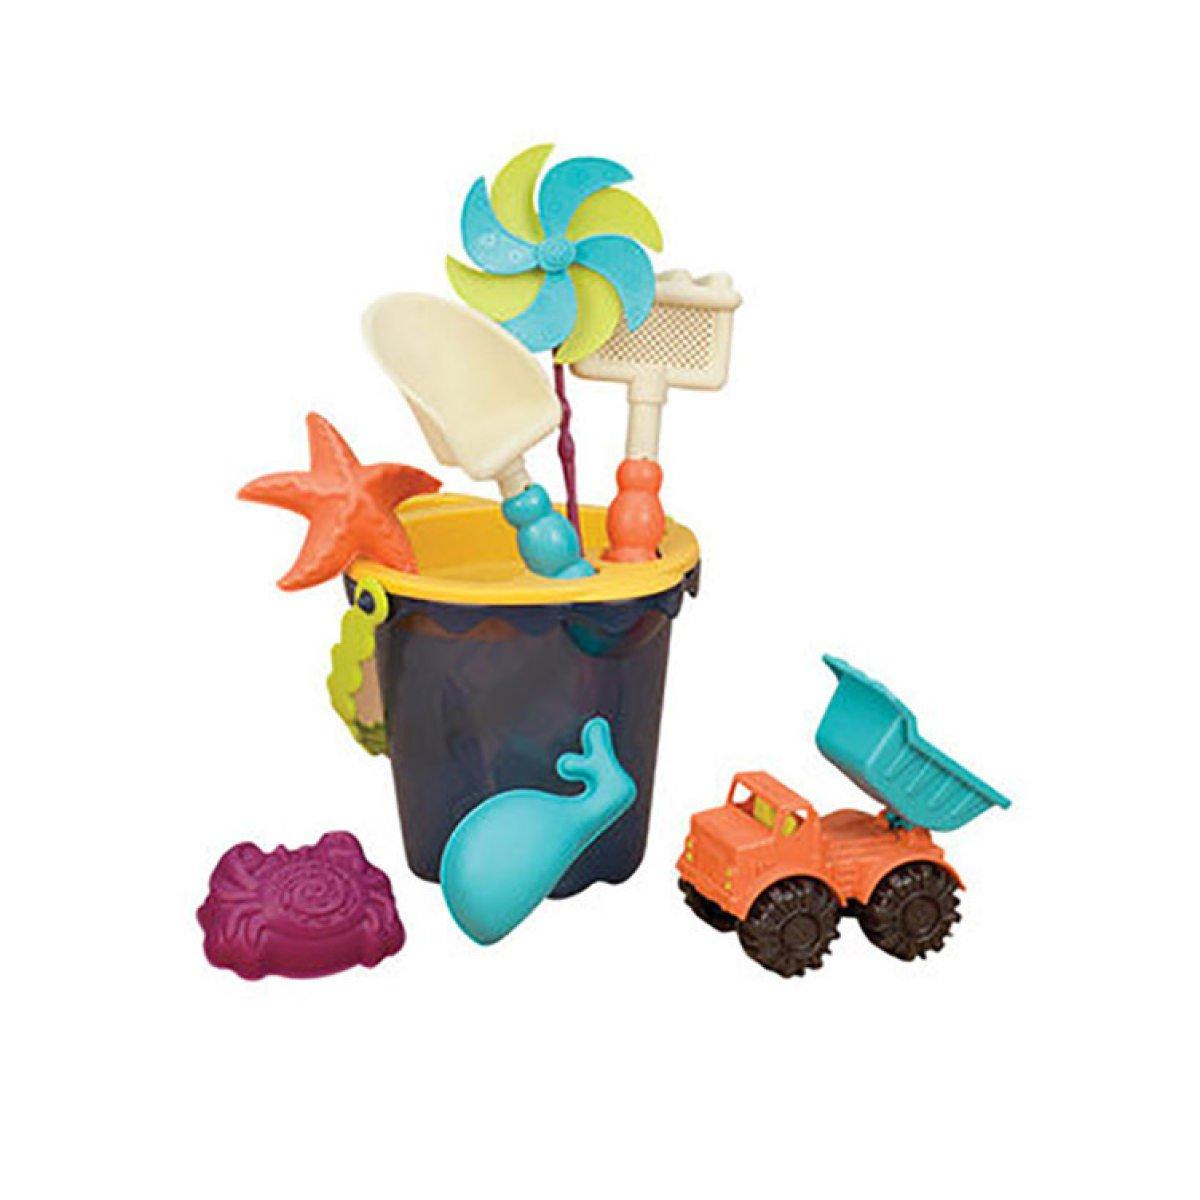 precio al por mayor MEI MEI MEI Juguetes de playa Juguetes de playa para niños Bebé Mediano Cubo de playa Rompecabezas para niños Baño de agua Juego de juego  primera vez respuesta